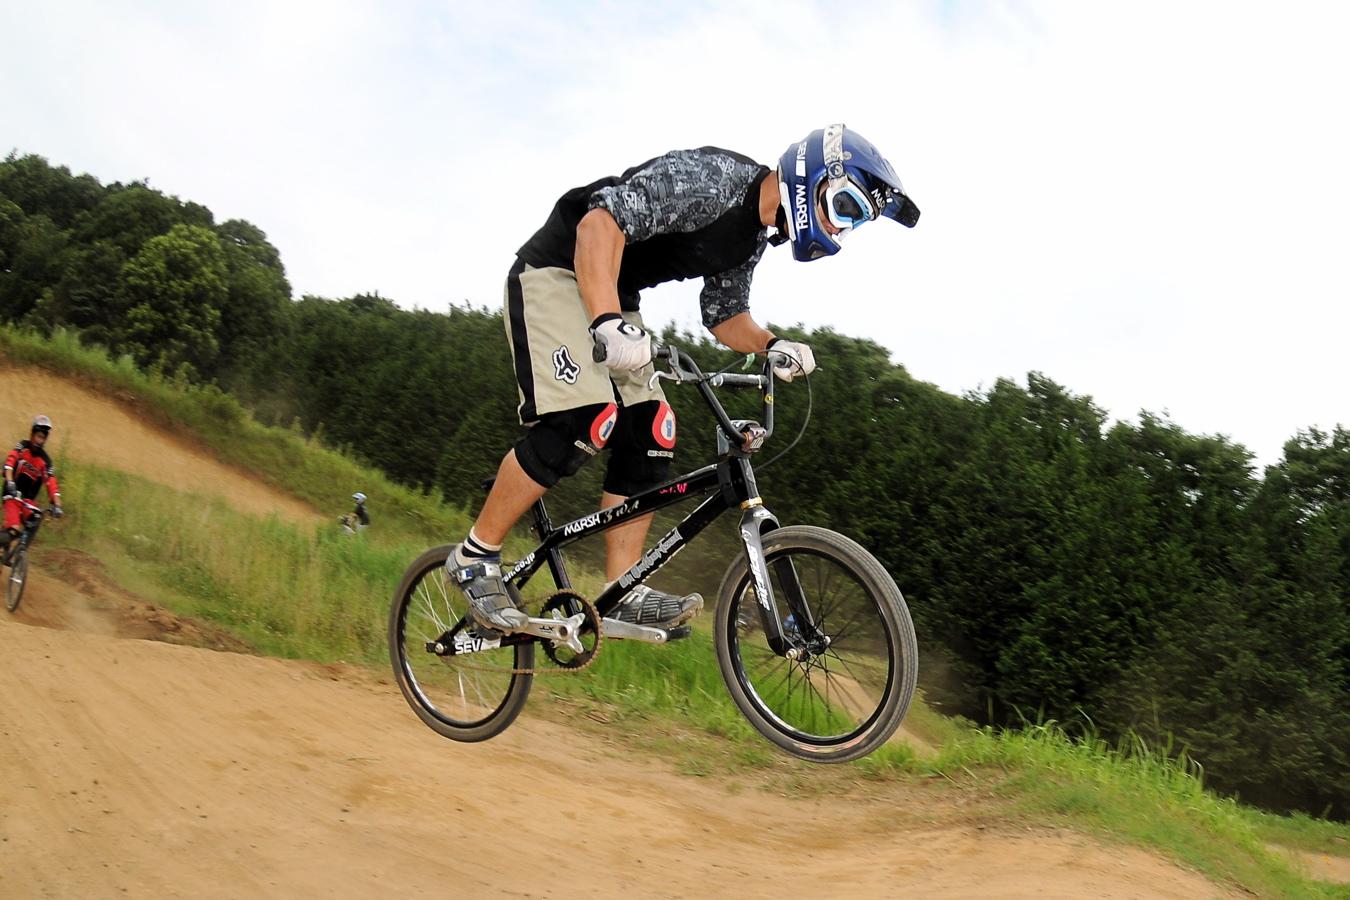 2009 7月緑山コース開放日 VOL2_b0065730_21591136.jpg